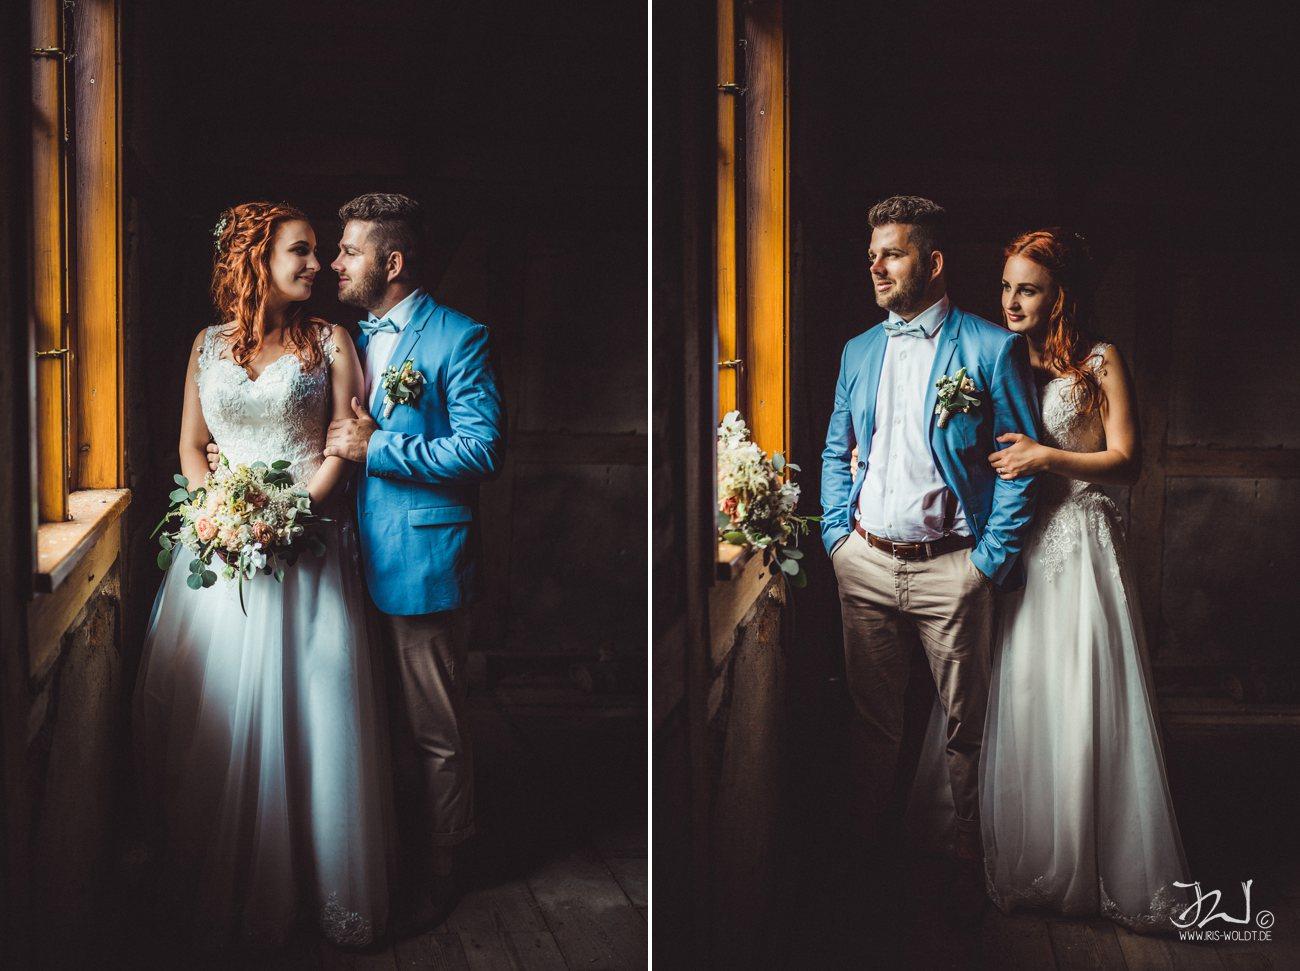 Hochzeitsfotograf_Altthymen_MuehleTornow_IrisWoldt 80